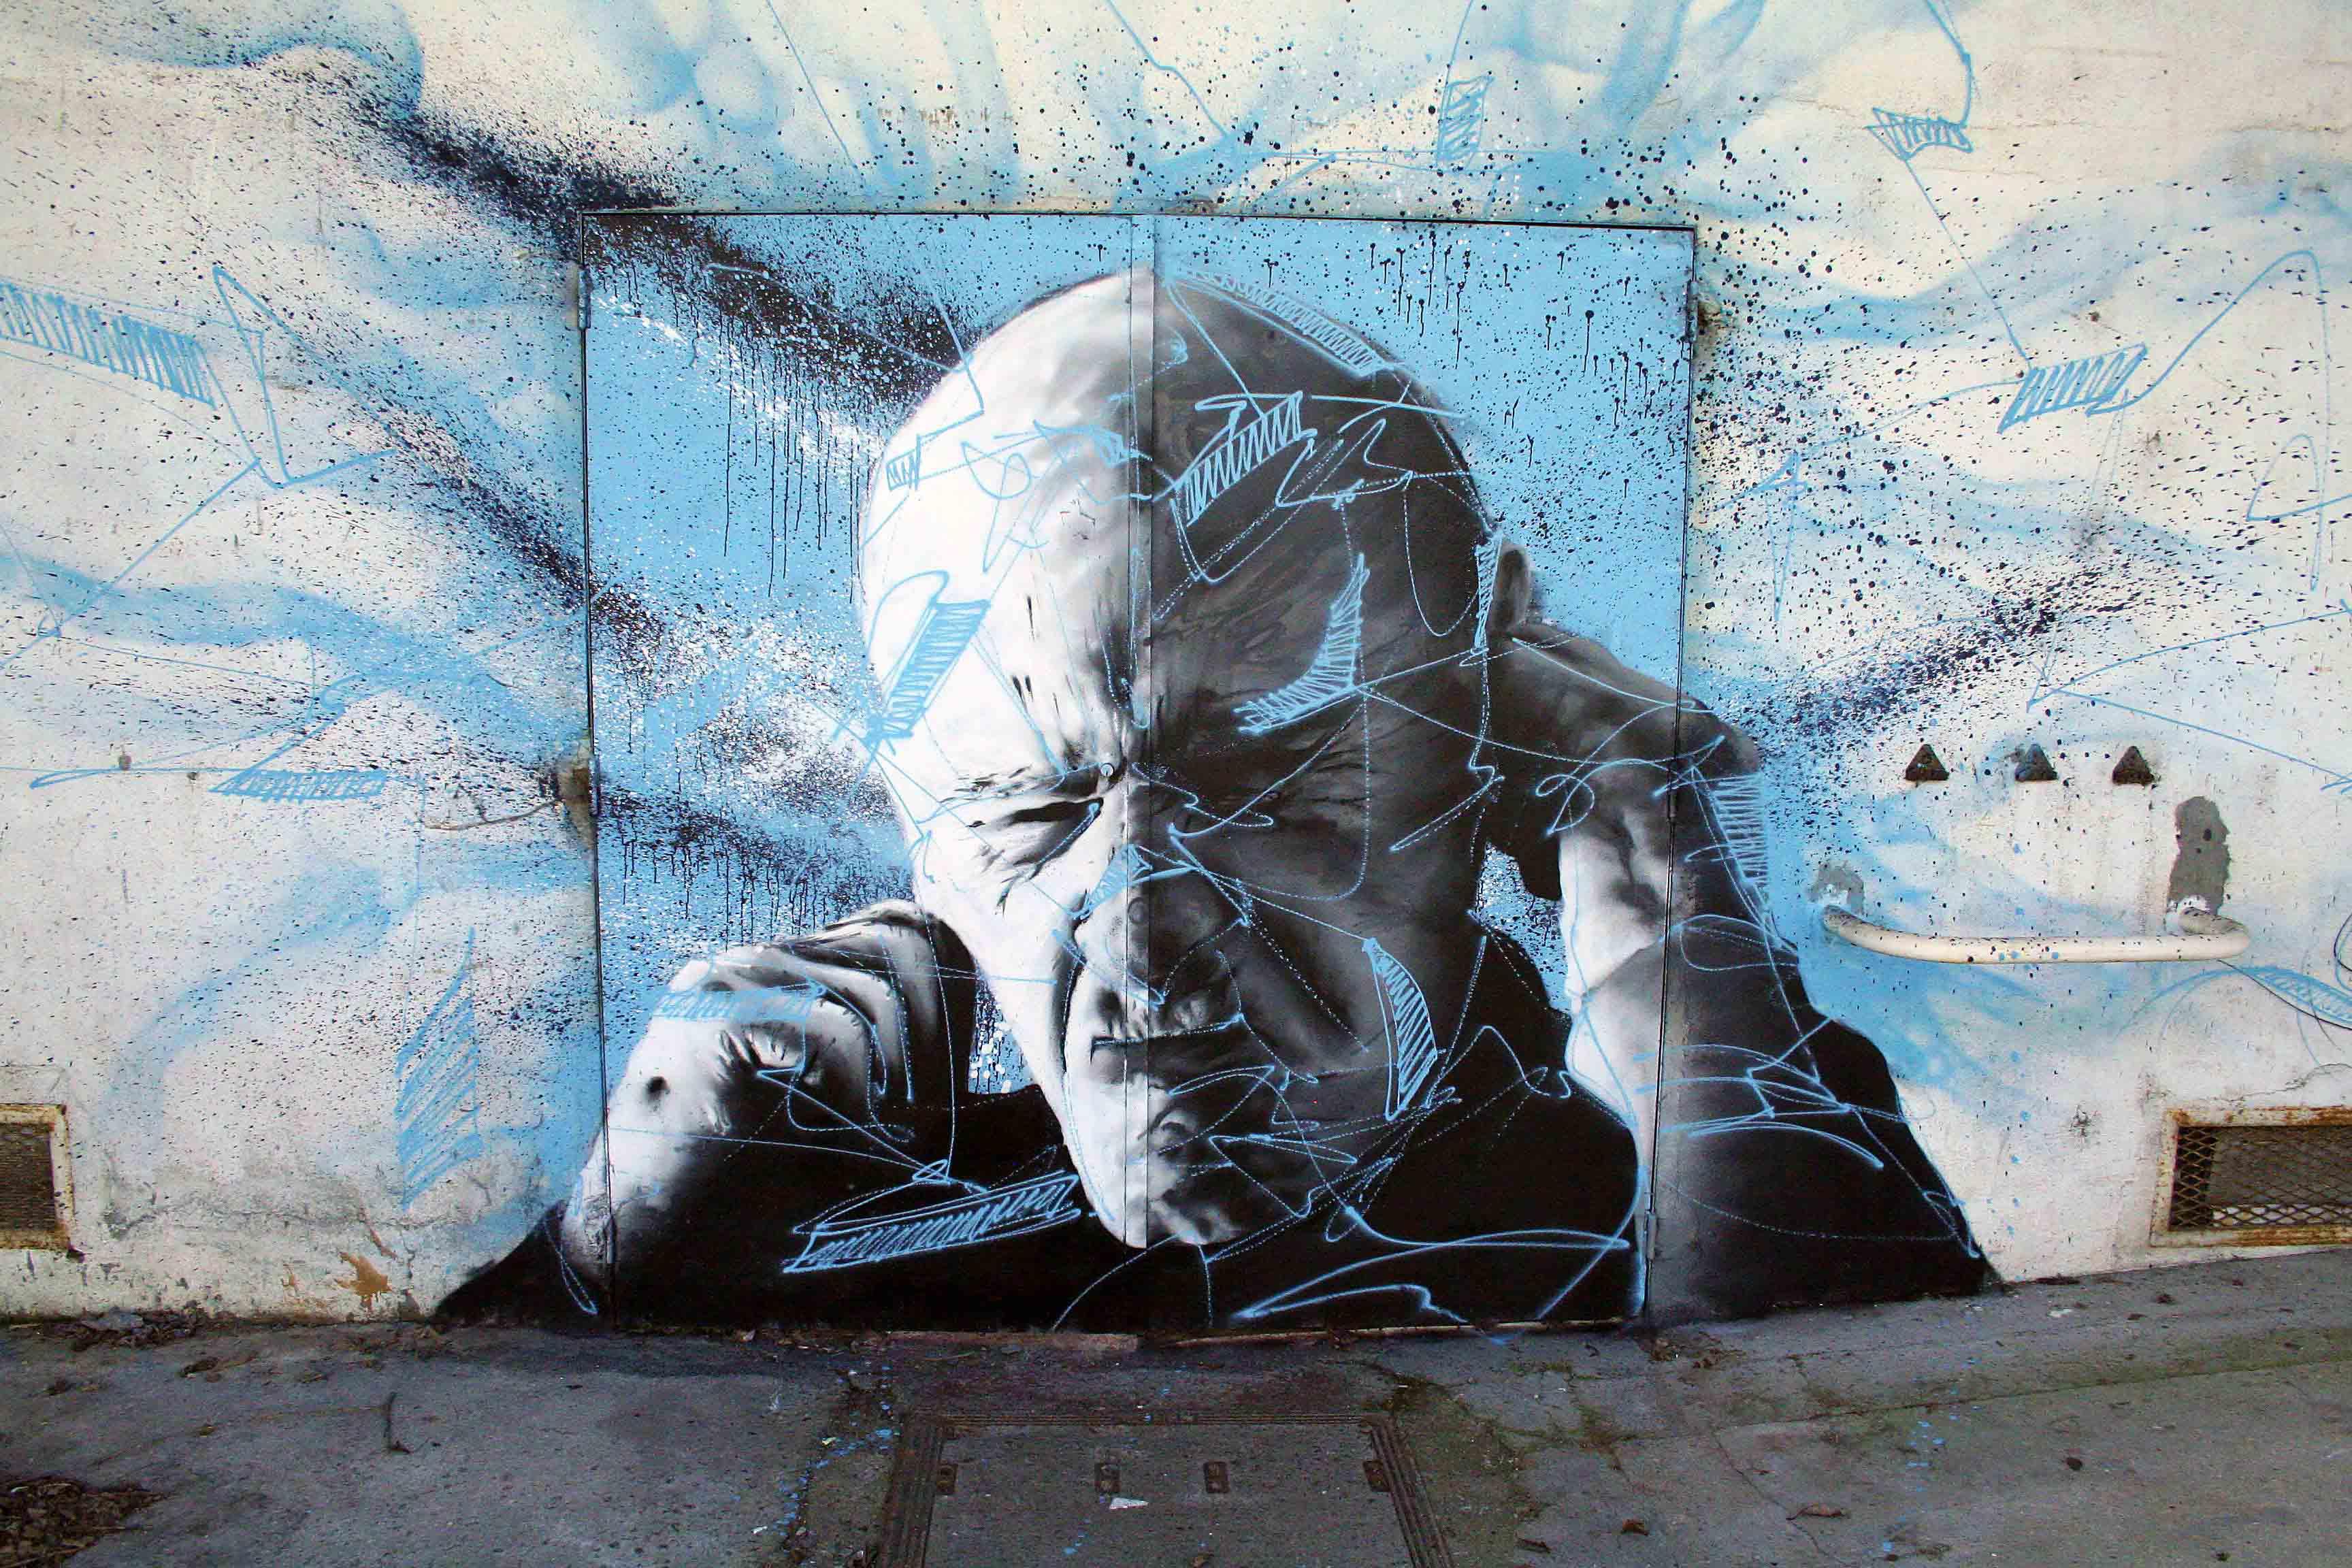 fresques d'un vieillard sur fond bleu